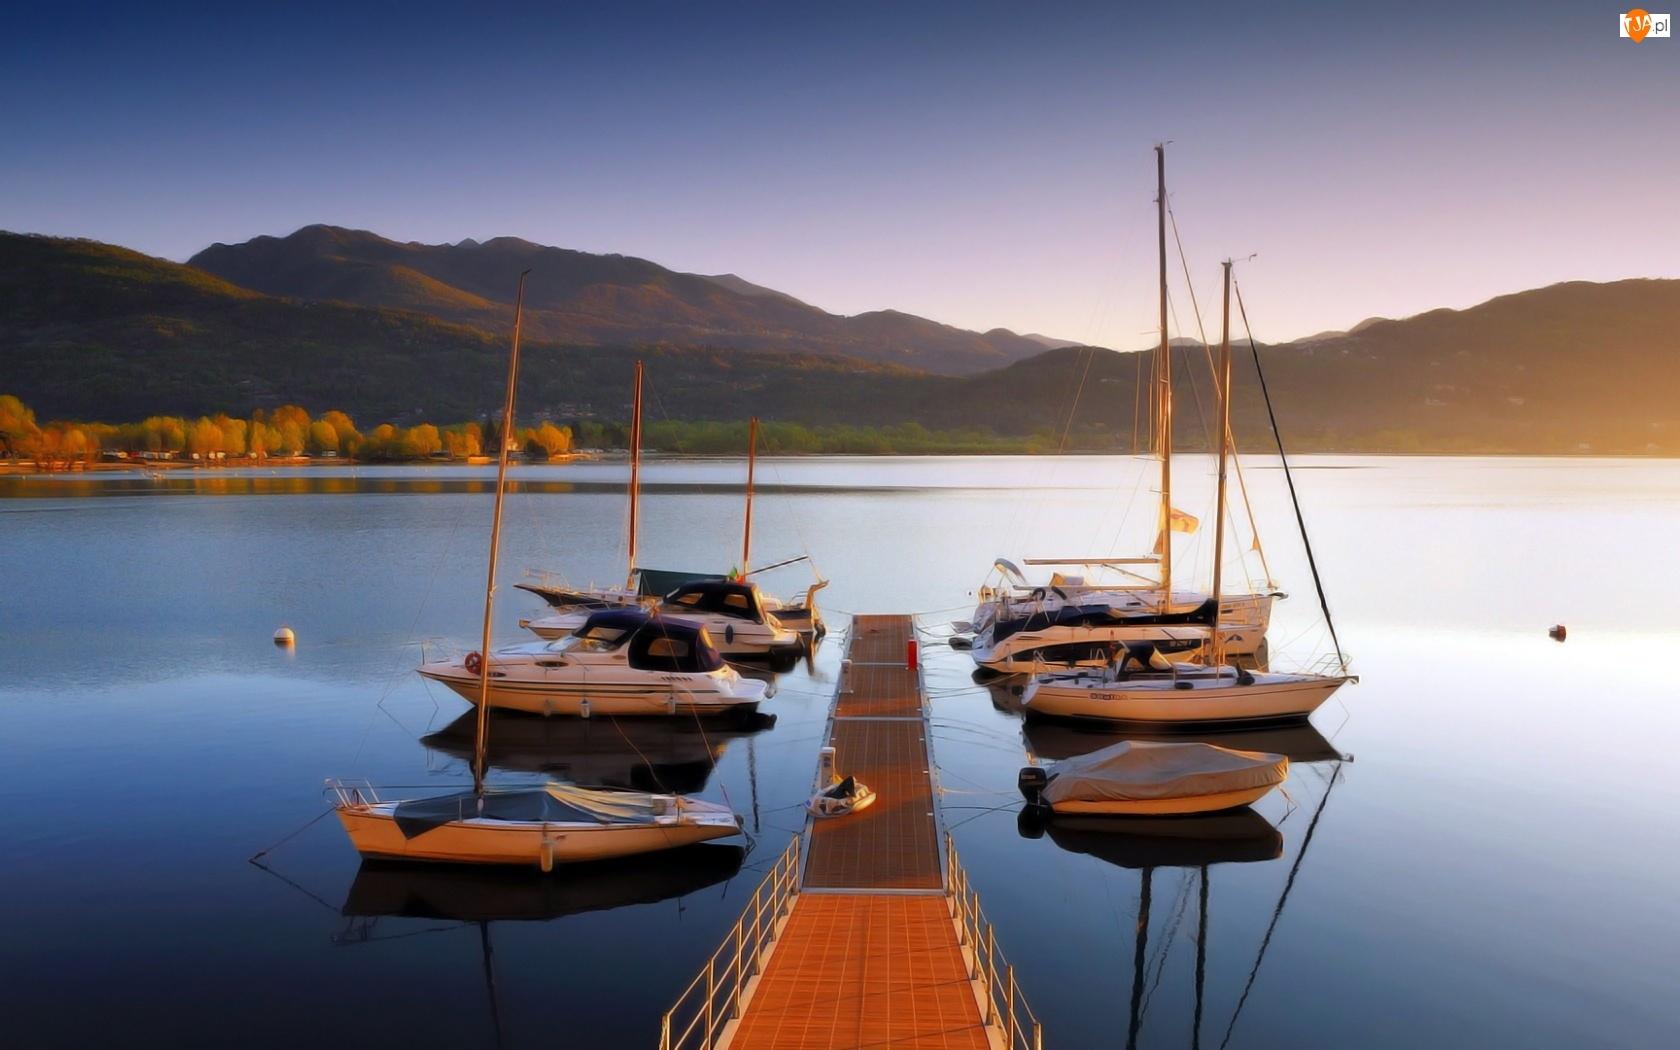 Jezioro, Pomost, Góry, Motorówki